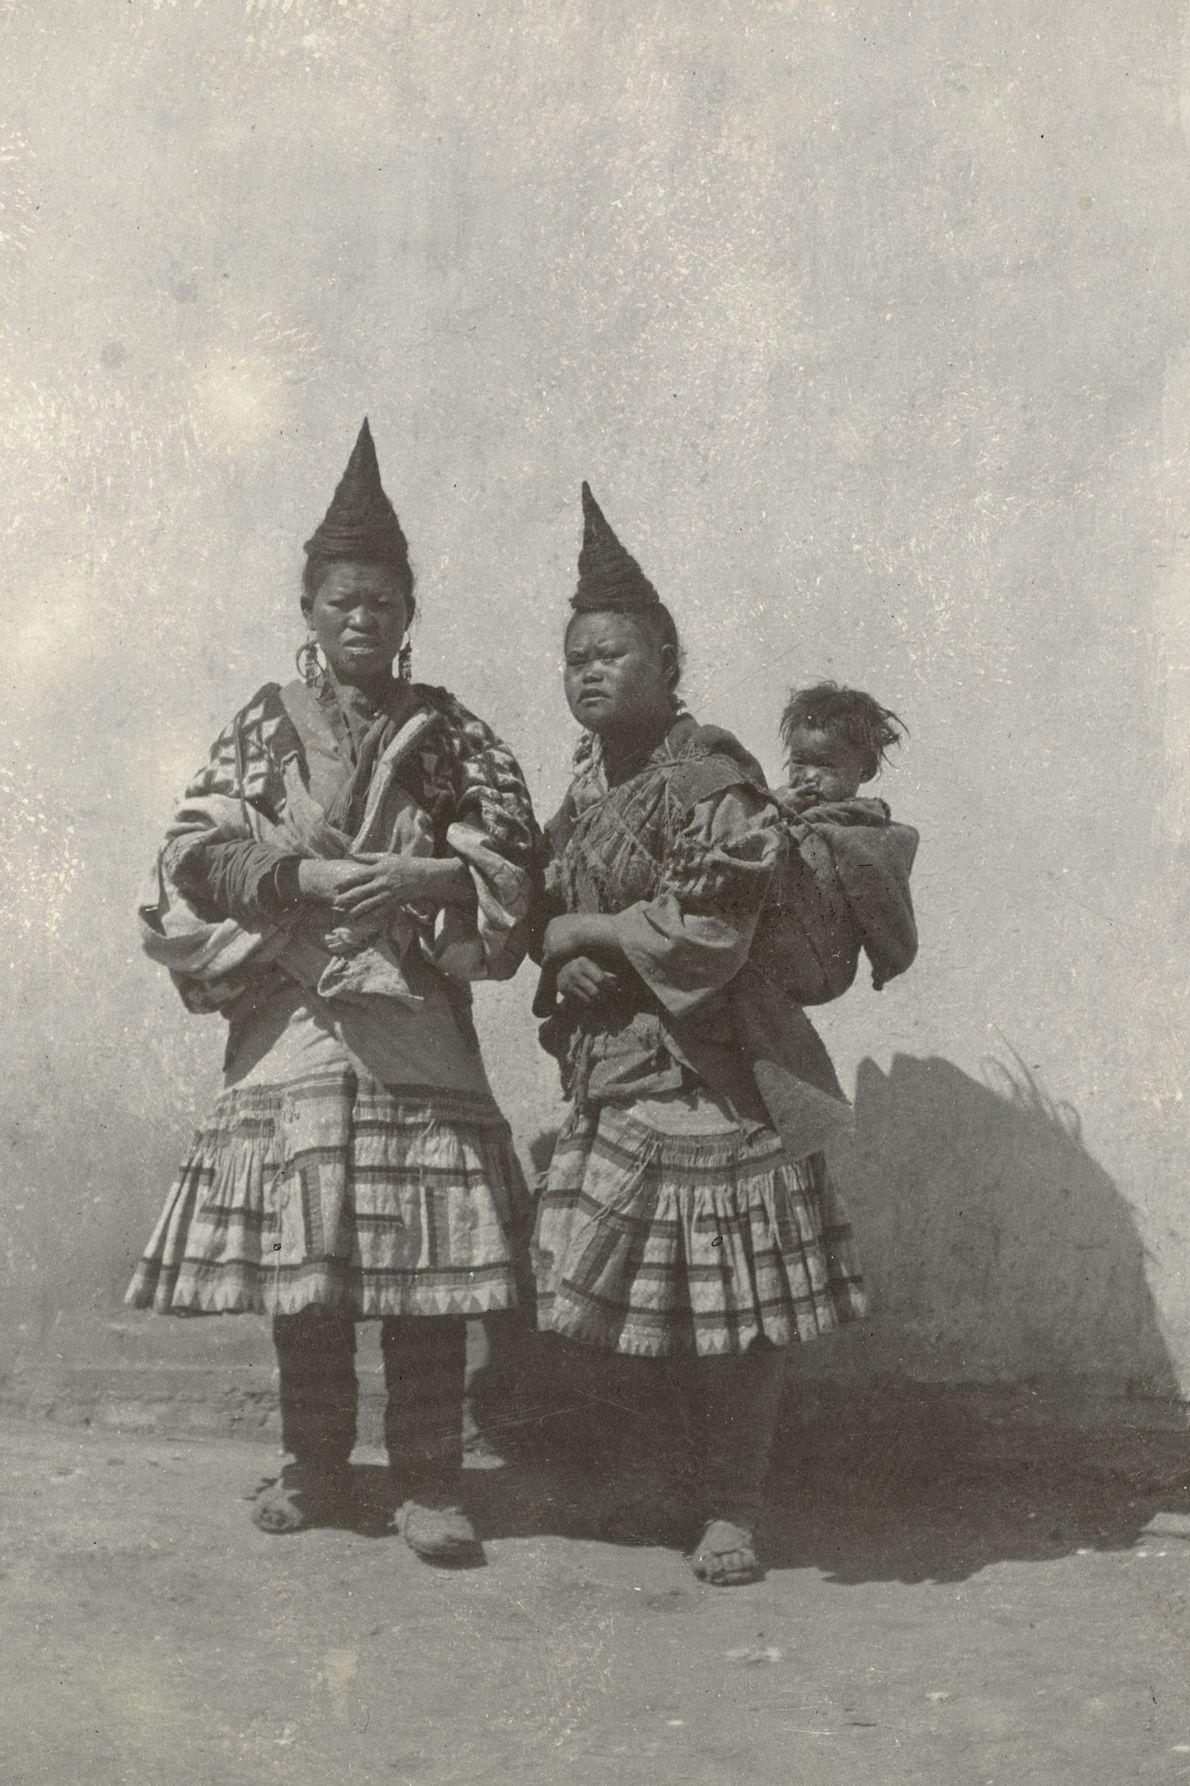 Dans la province du Yunnan, en Chine, la coiffure en forme de corne que portent ces ...